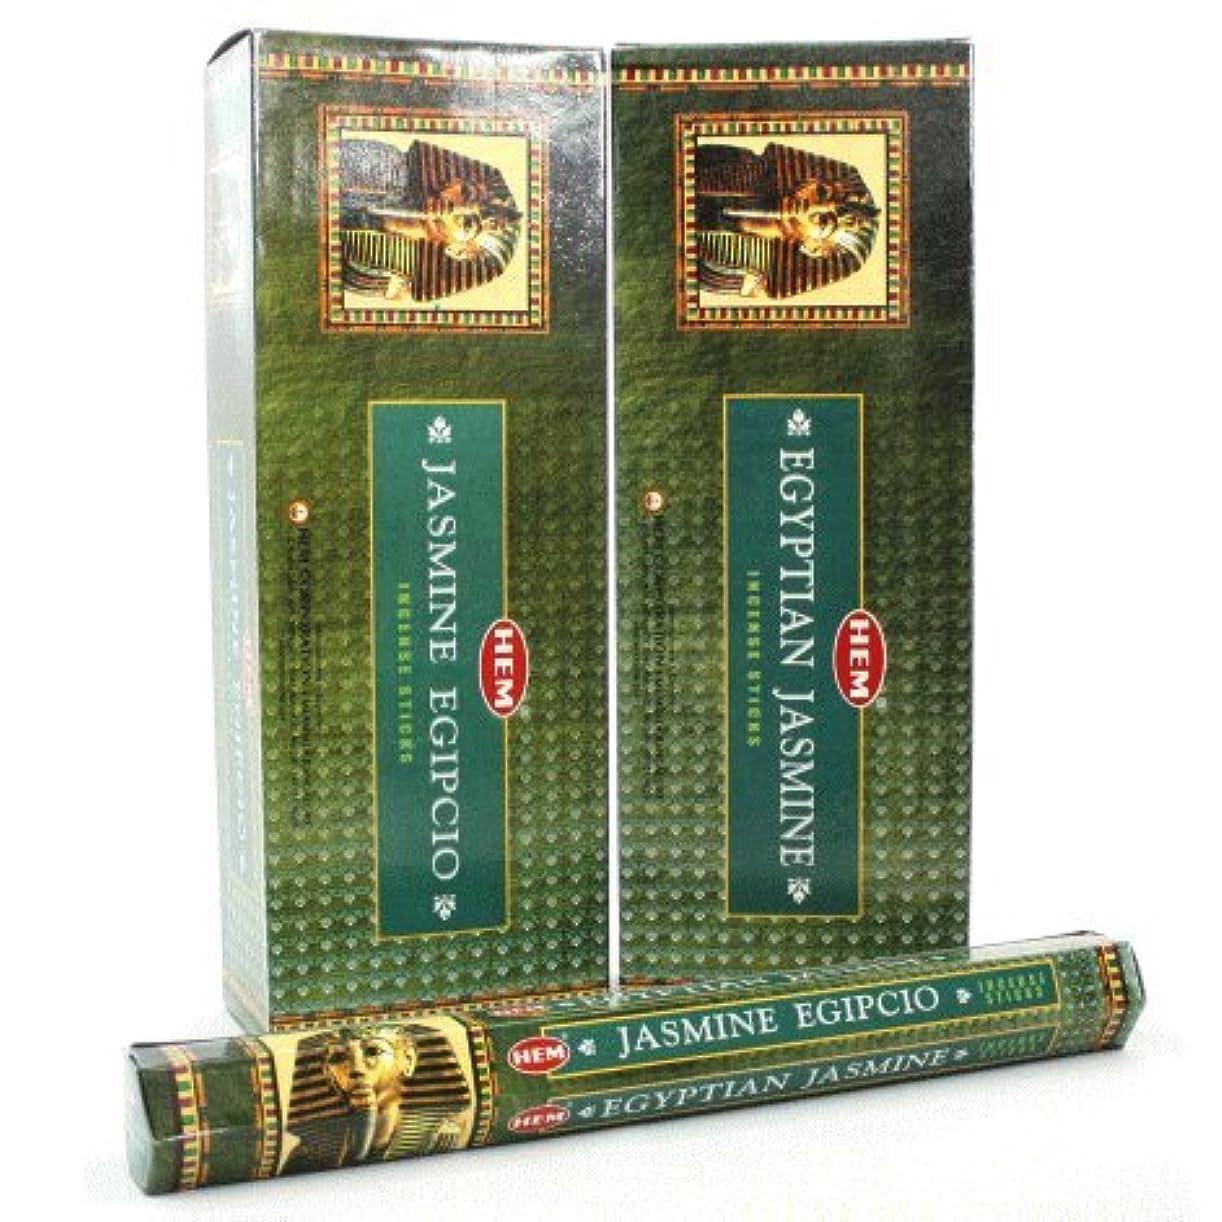 禁じる冷凍庫縮れたHEM エジプシャン ジャスミン香 スティック ヘキサパック(六角) 12箱セット HEM EGYPTIAN JASMINE